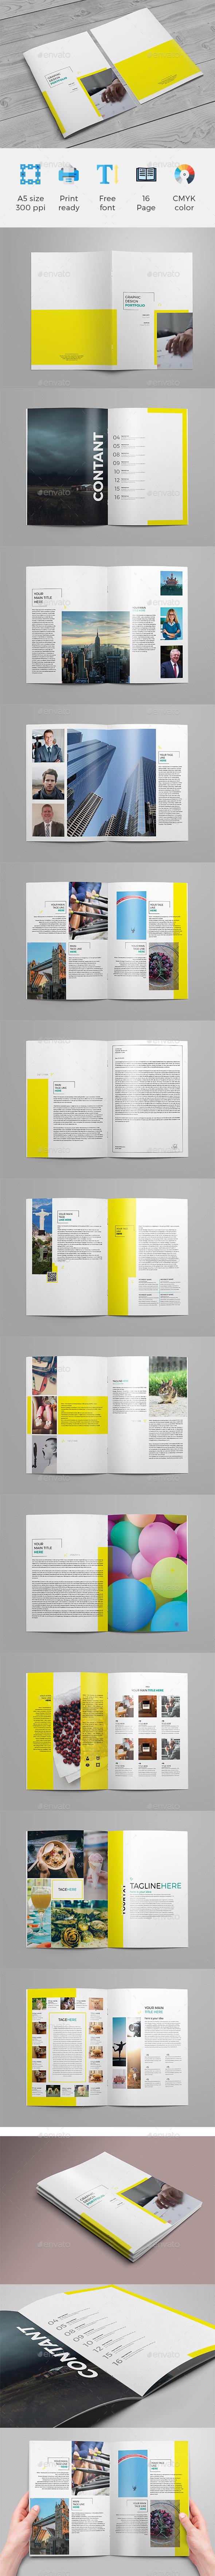 GraphicRiver A4 Brochure 20683632